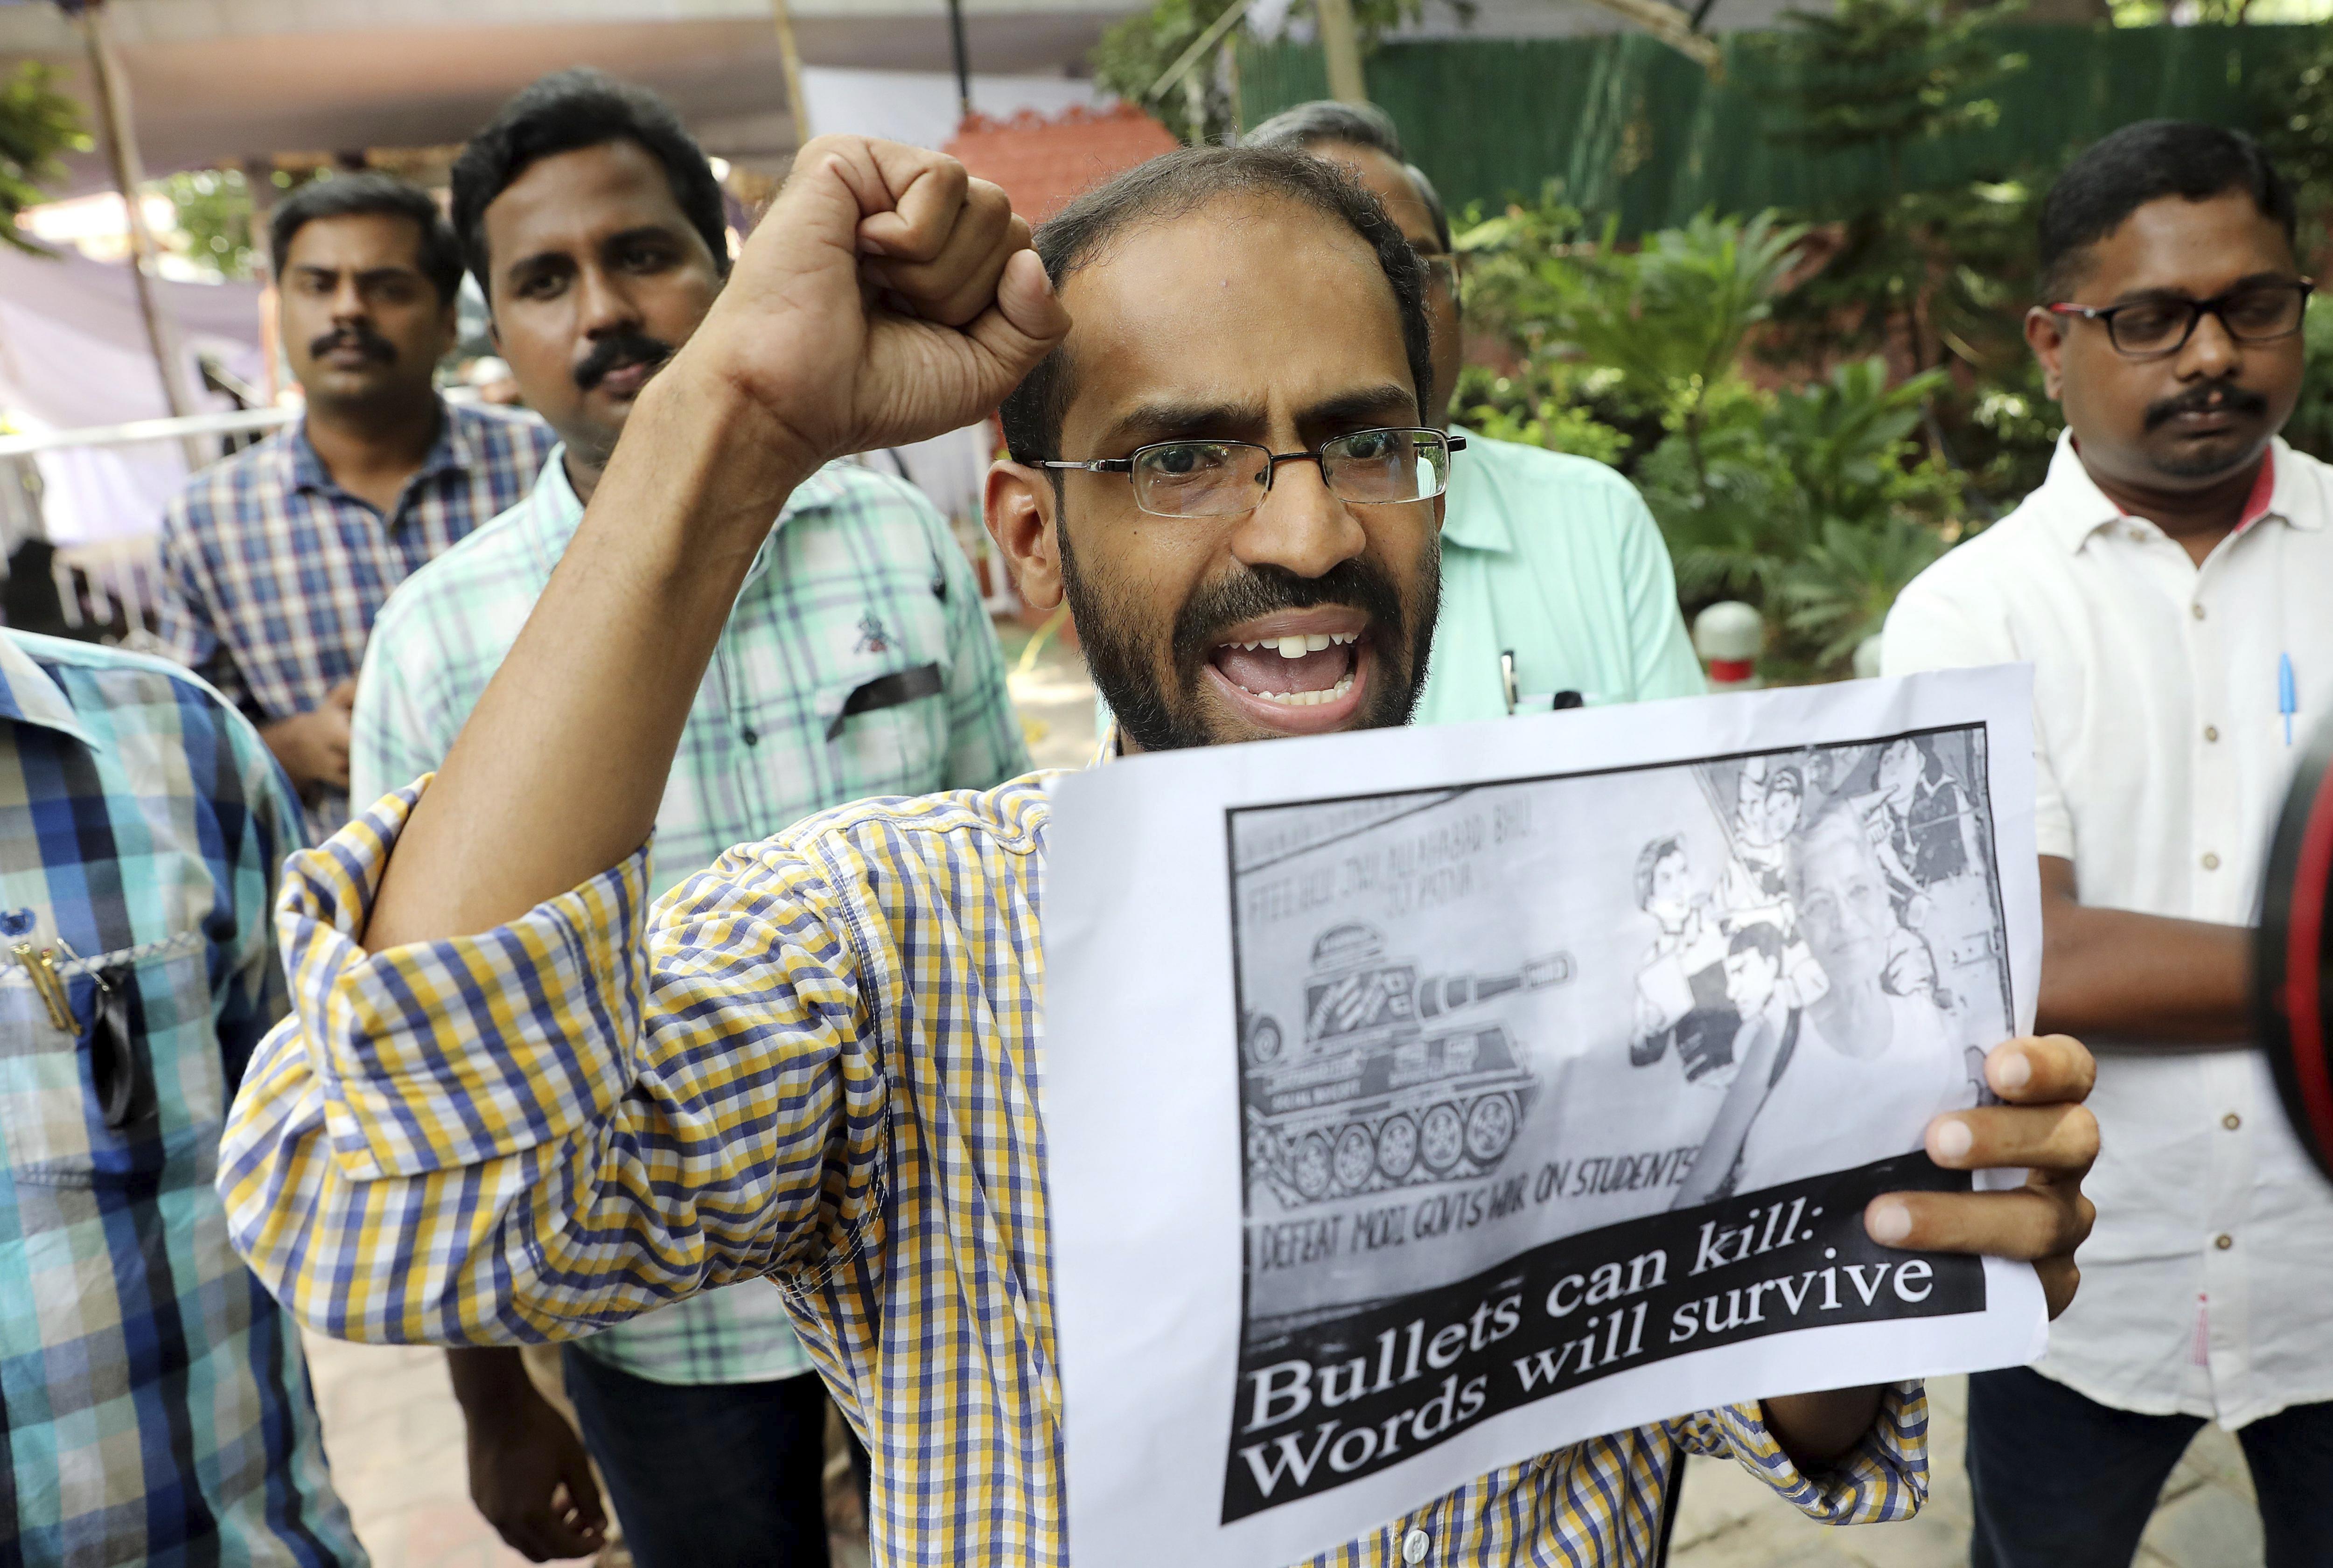 """Un home sosté una pancarta en la qual es pot llegir """"Les bales poden matar, les paraules sobreviuran"""" mentre treballadors de diversos mitjans de comunicació protesten contra l'assassinat de la prestigiosa periodista índia Gauri Lankesh a Nova Delhi (Índia). /HARISH TYAGI"""